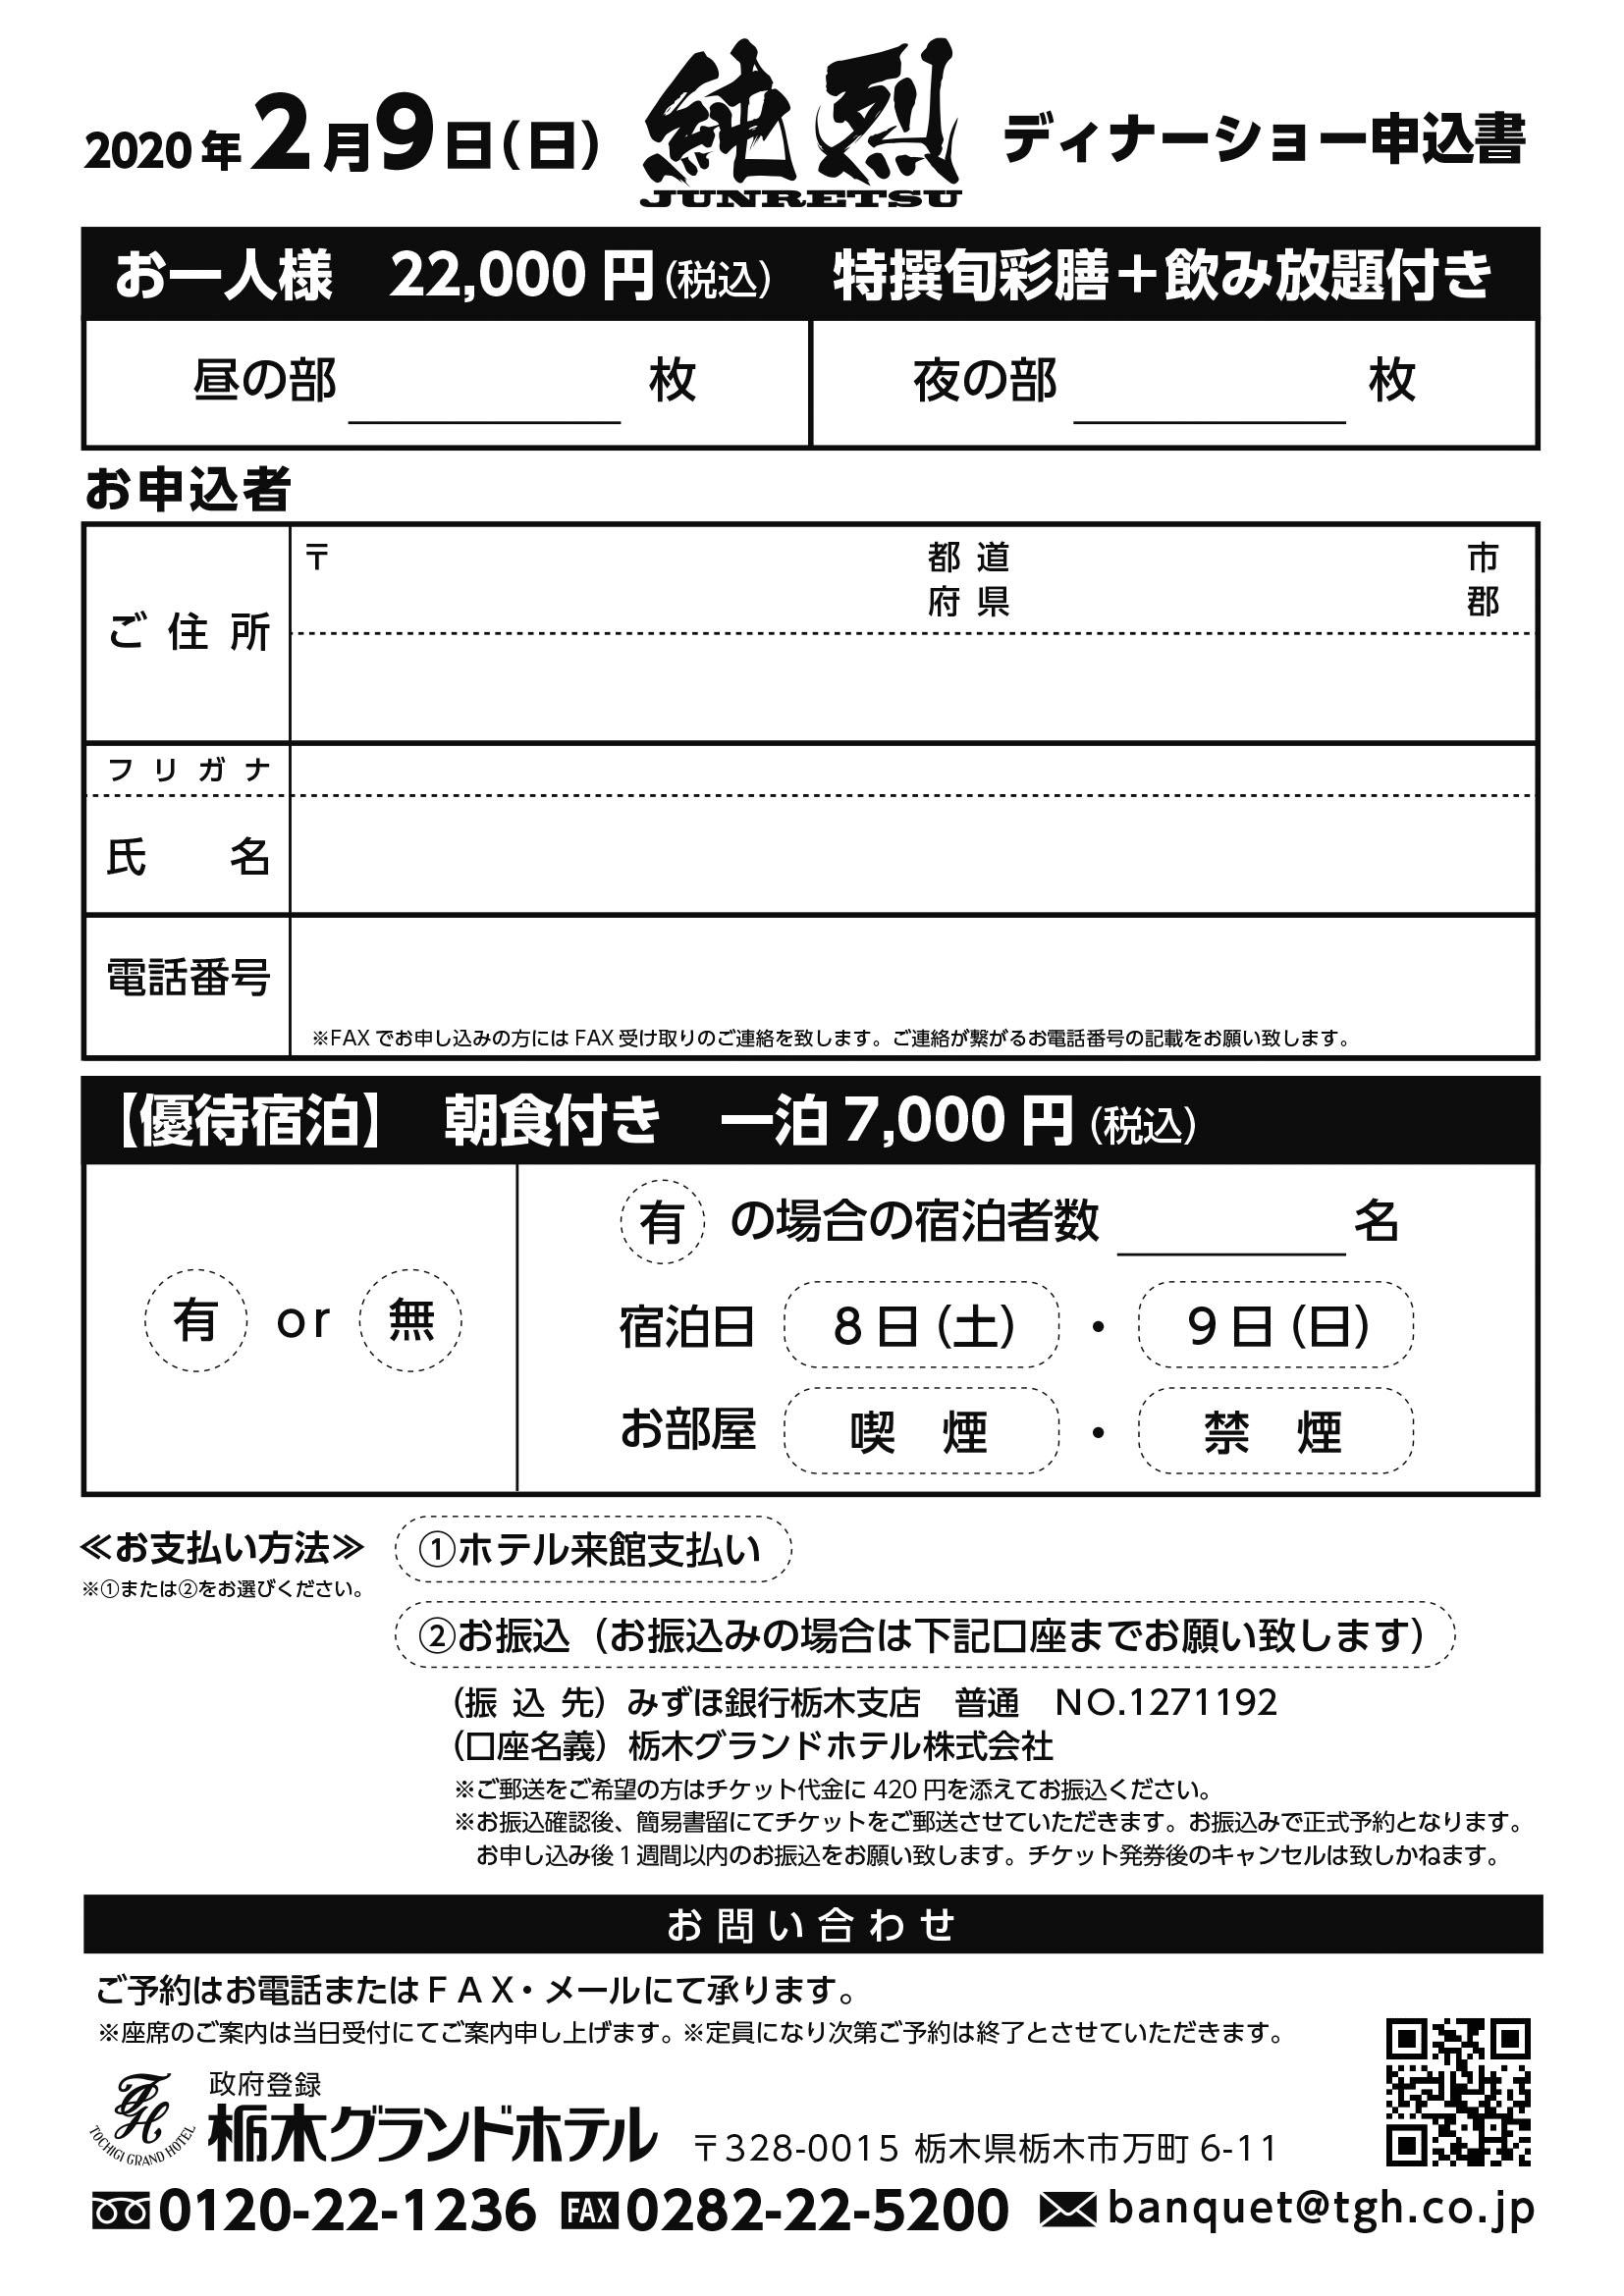 http://www.tgh.co.jp/contents/news/%E7%B4%94%E7%83%88-A4%E3%83%81%E3%83%A9%E3%82%B7-%E3%81%86%E3%82%89.jpg